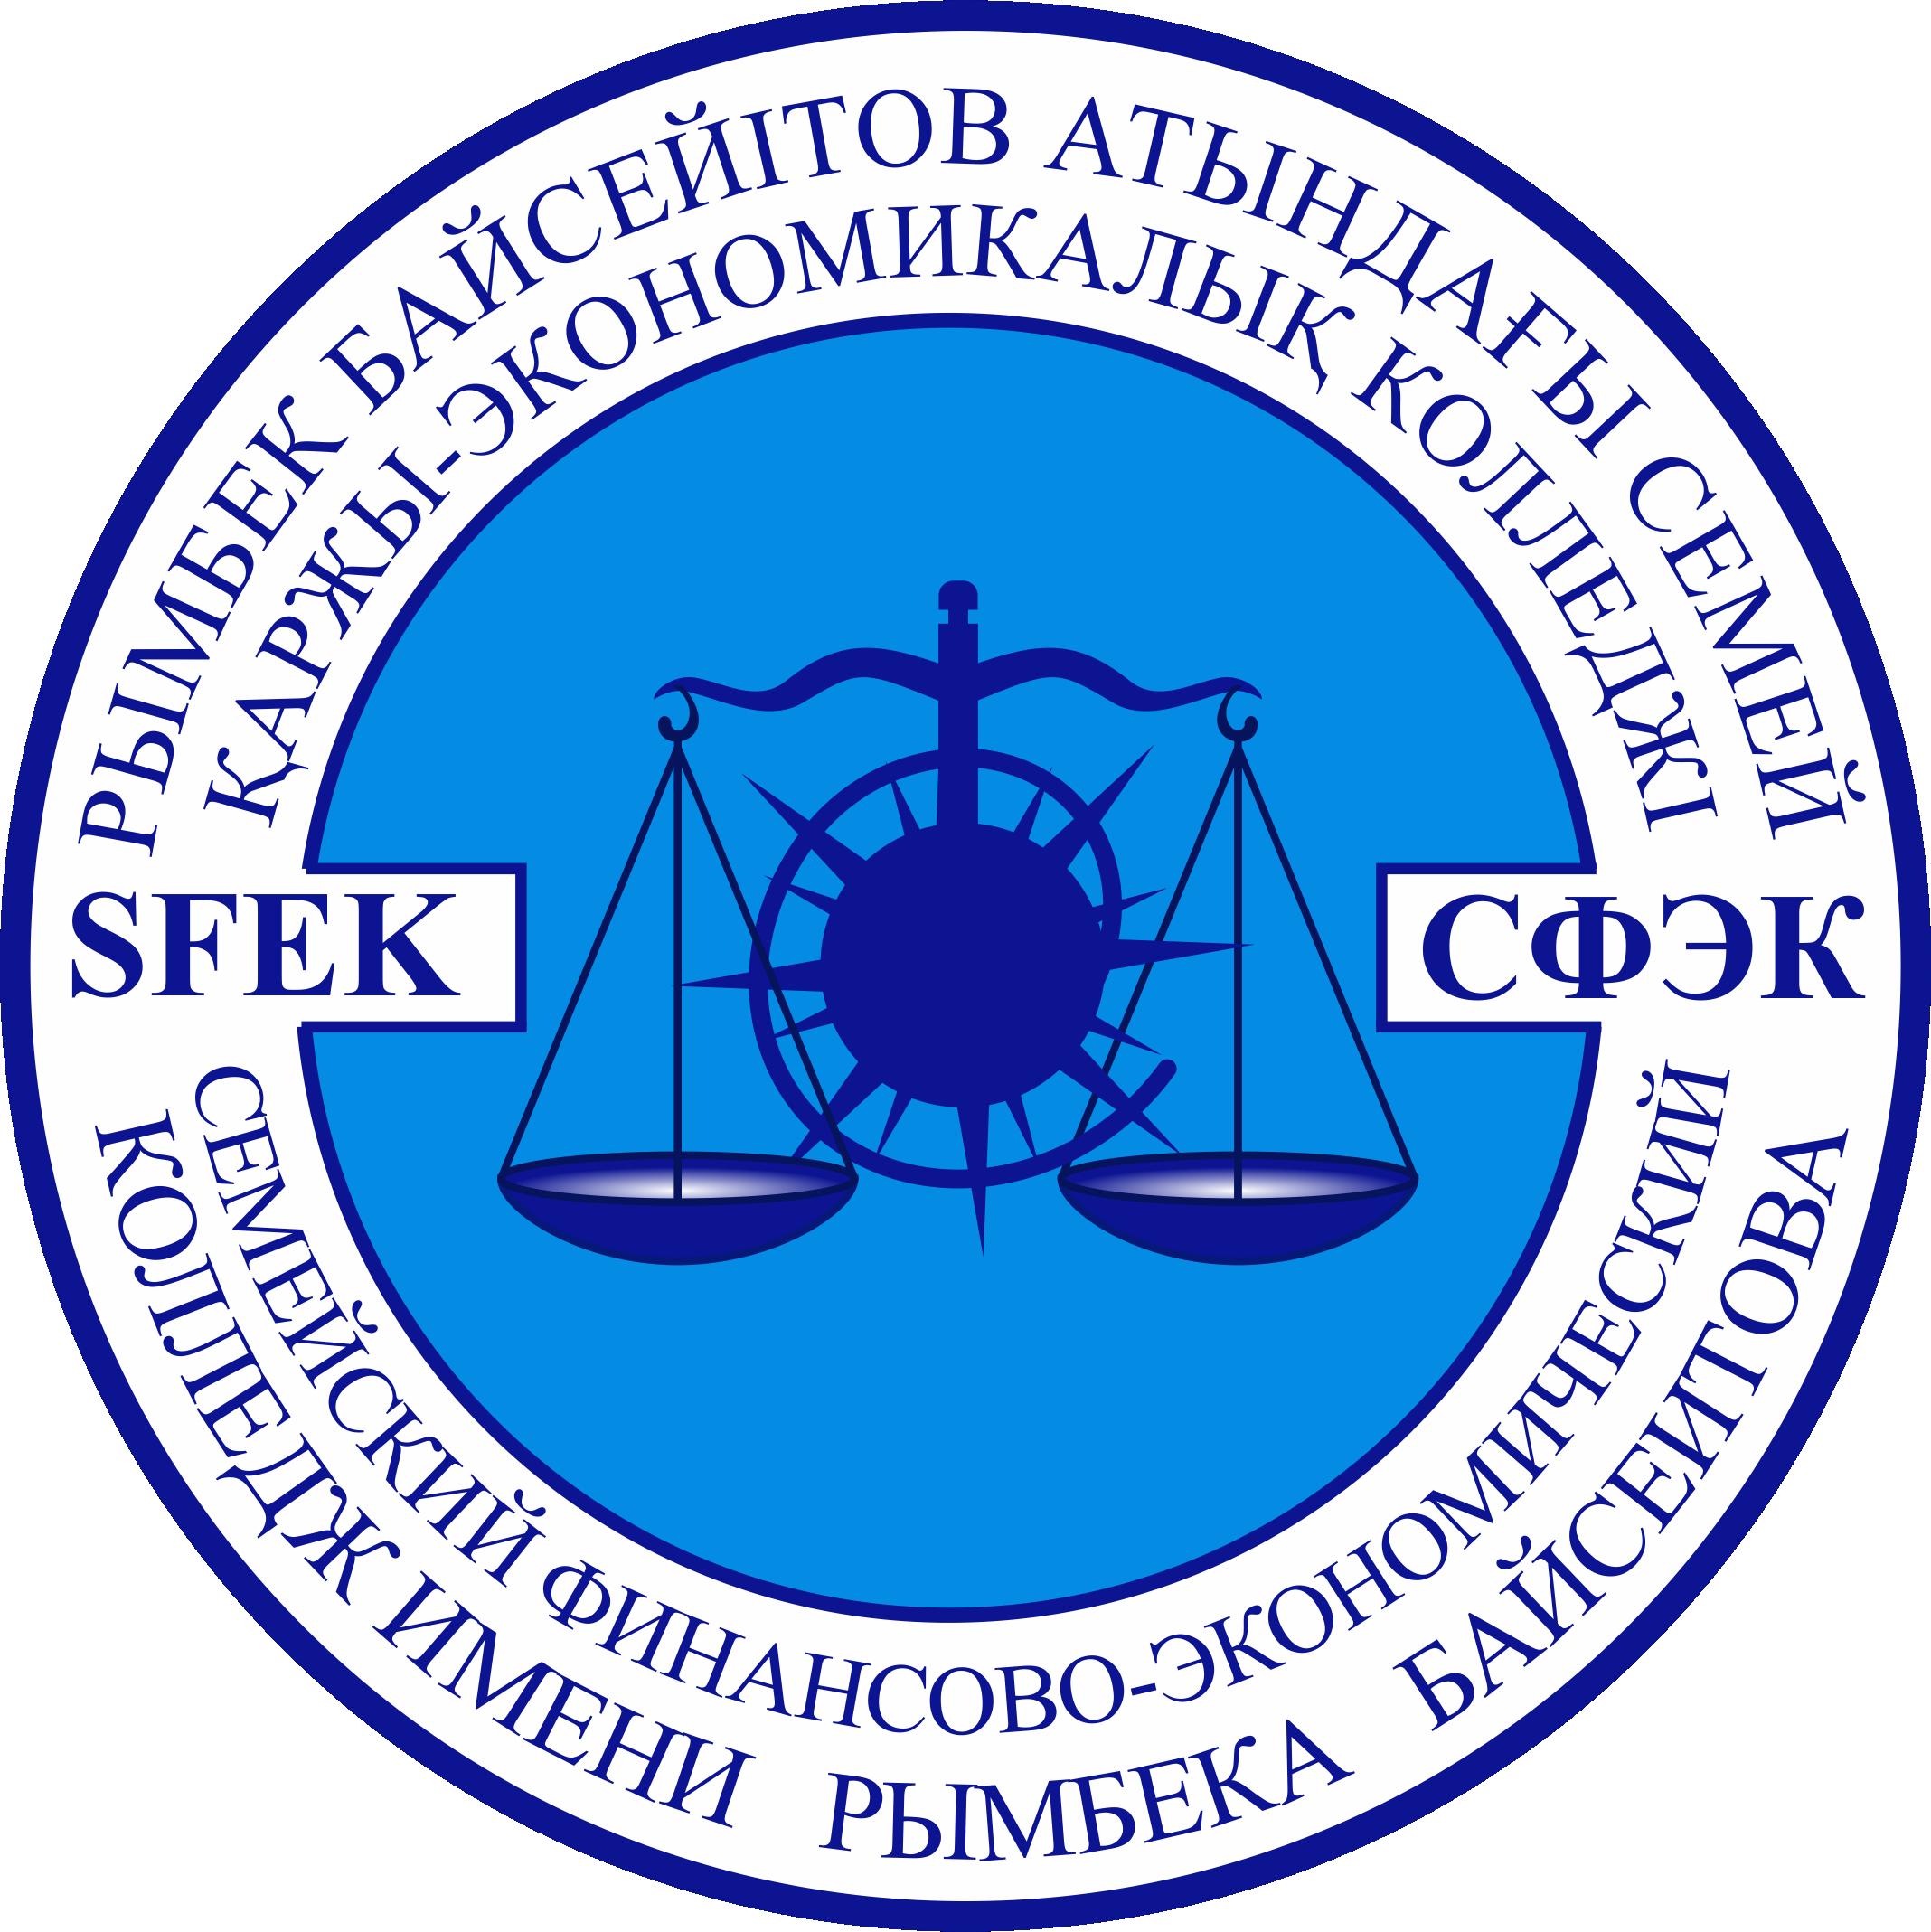 Семейский финансово-экономический колледж им. Рымбека Байсеитова